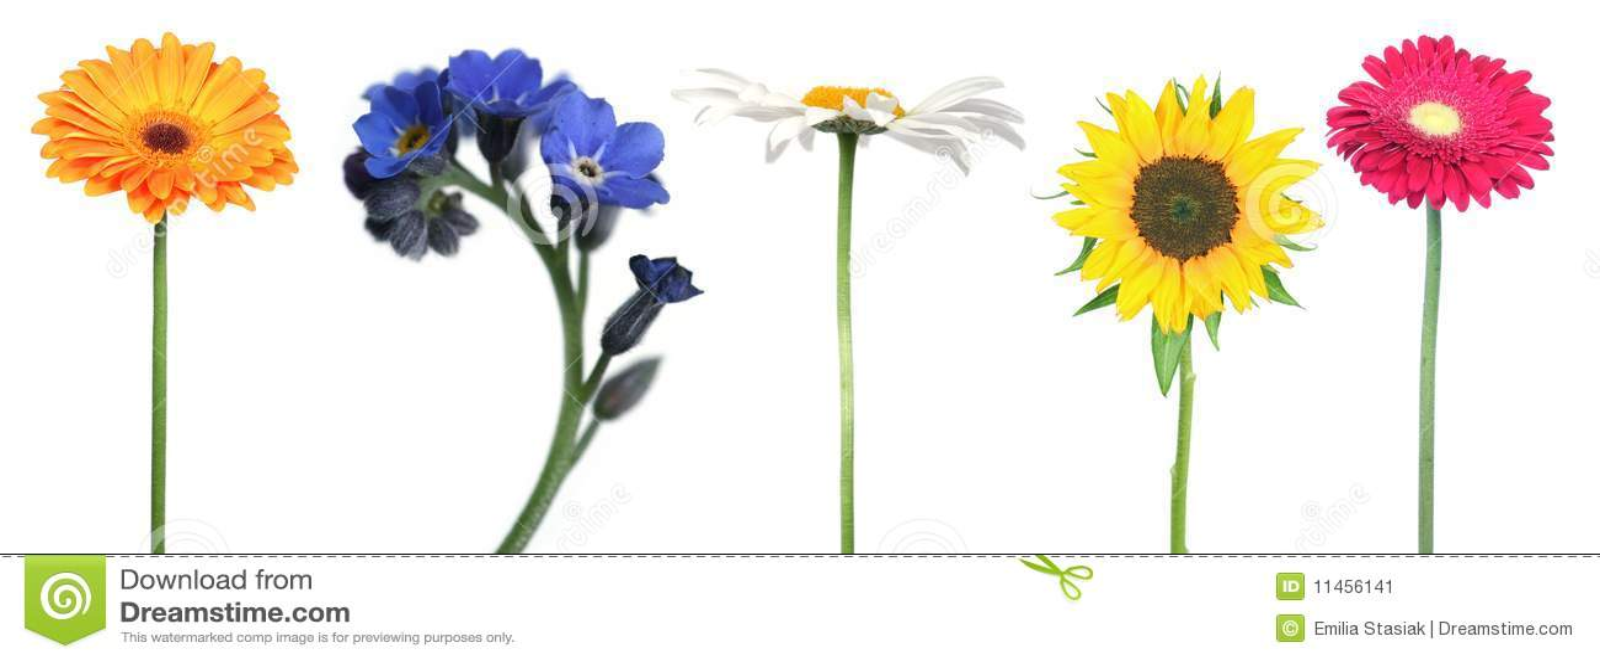 Mélange des fleurs